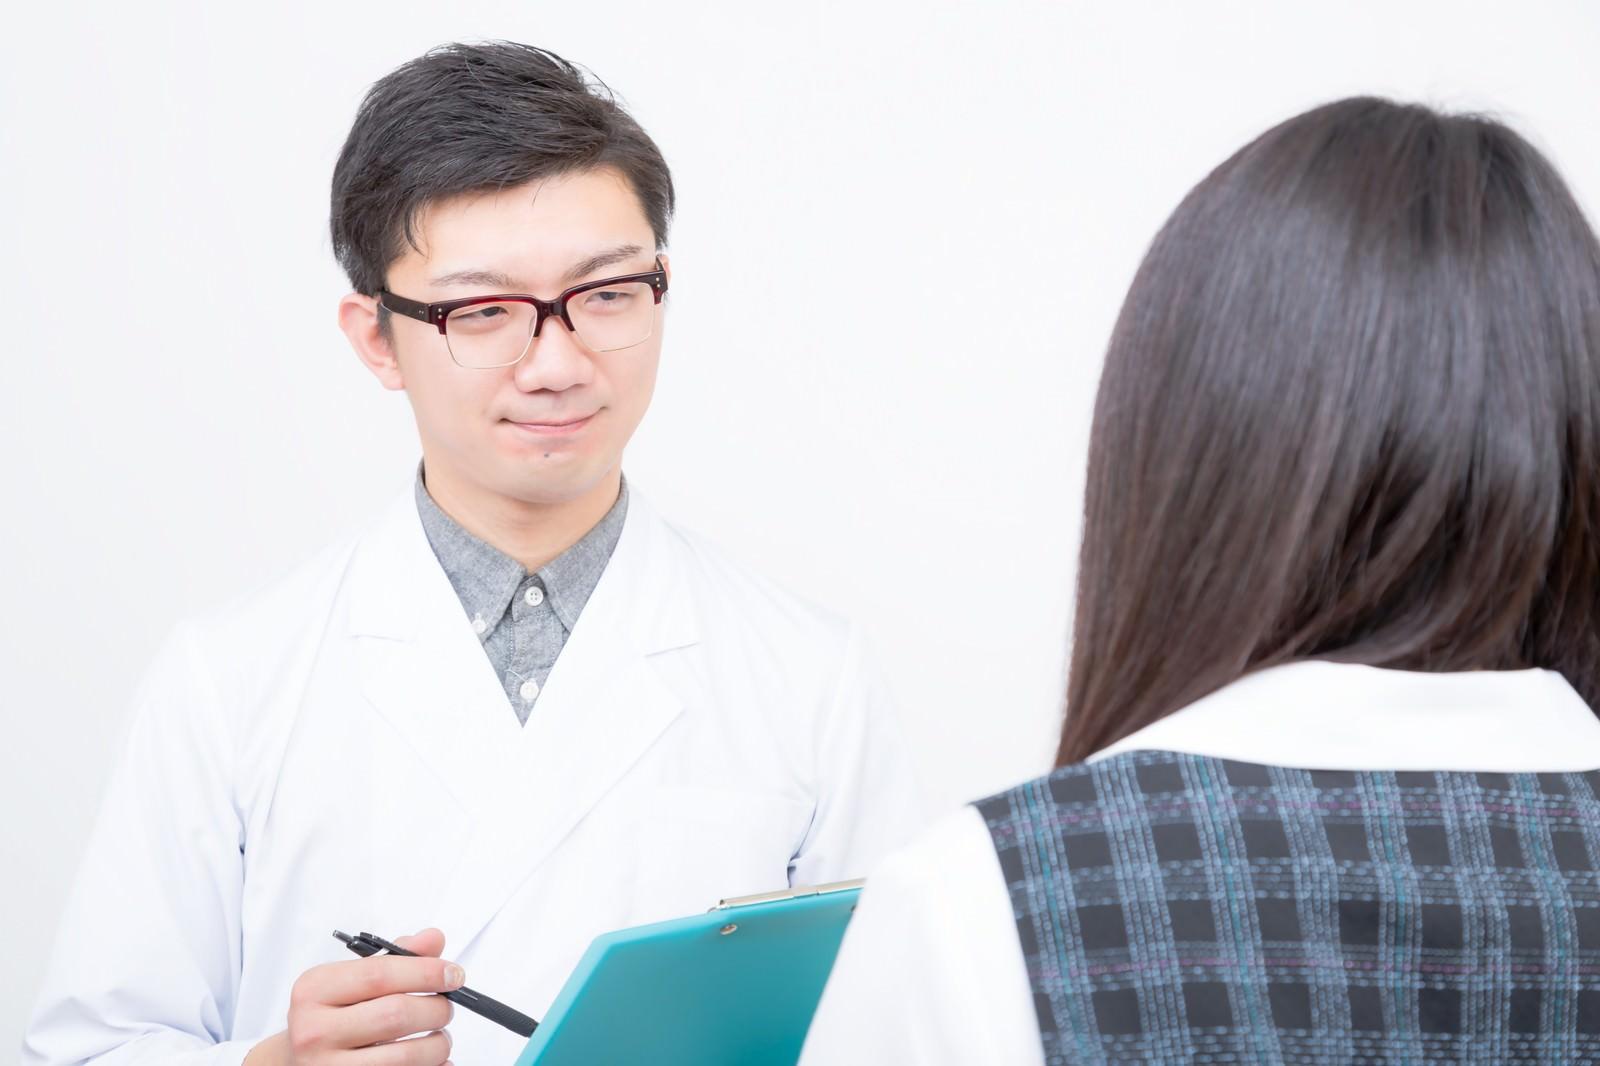 「女性を診察をする医師女性を診察をする医師」[モデル:OZPA Lala]のフリー写真素材を拡大